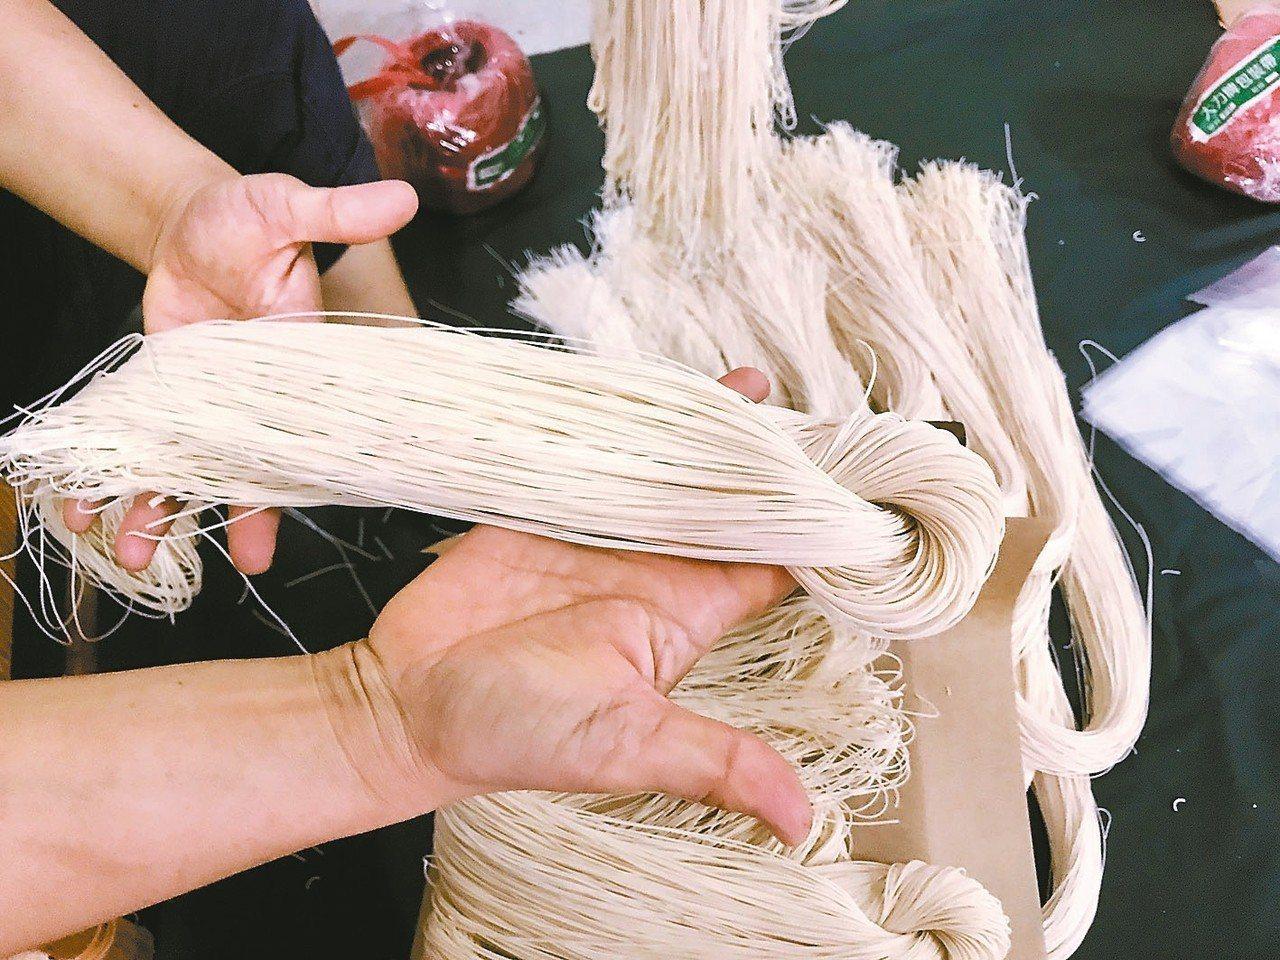 潮州鎮僅存的日曬製麵店竹輝行,為把關品質,每日只做400斤的麵條,有些客人下單,...